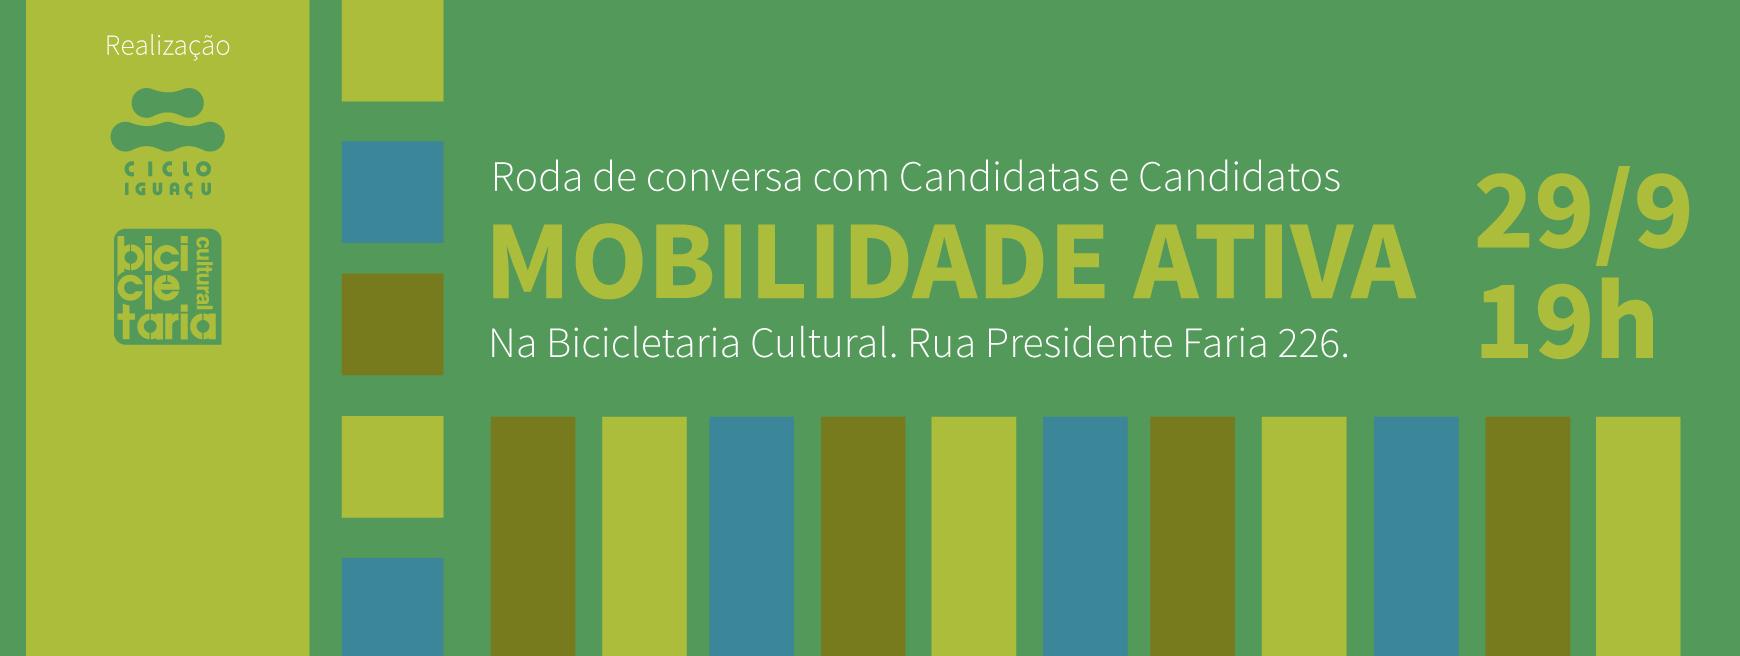 Mobilidade Ativa - Roda de conversa com Candidatas e Candidatos 29/09/2016 19h - Local:Bicicletaria Cultural , Rua Presidente Faria, 226